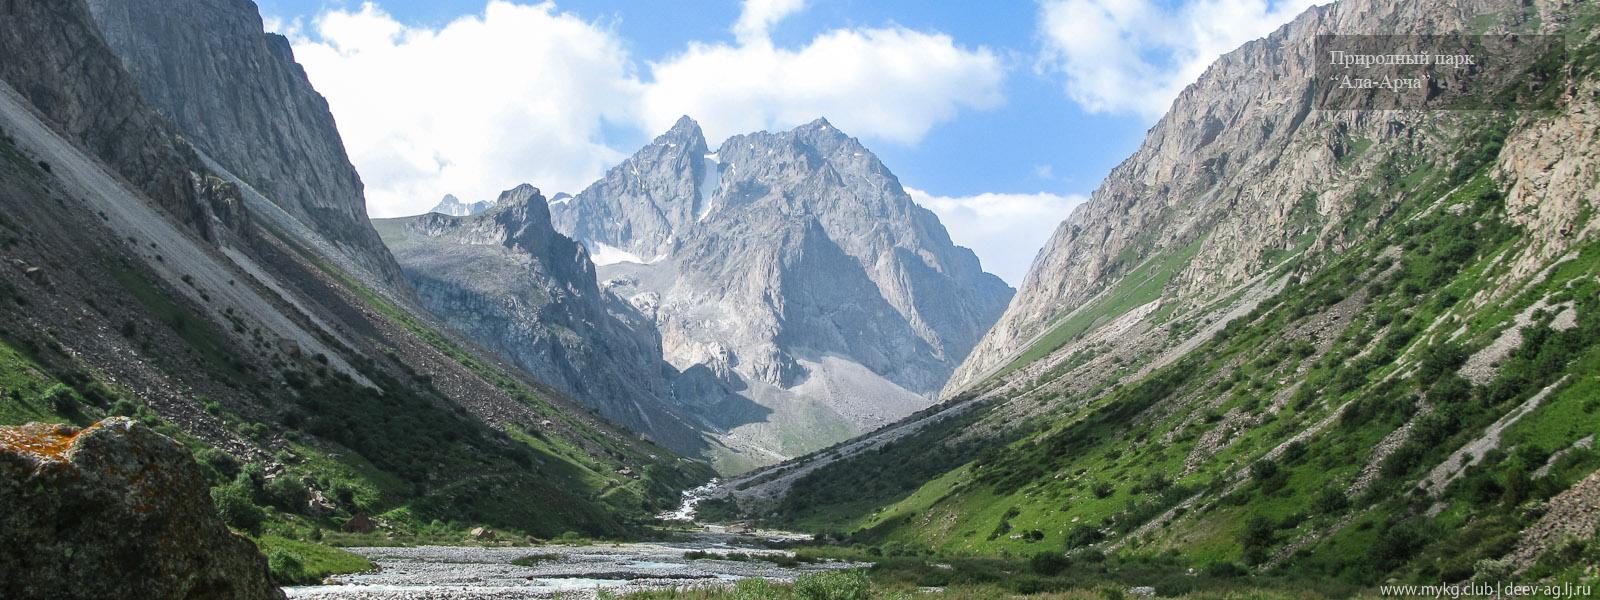 Природный парк Ала-Арча